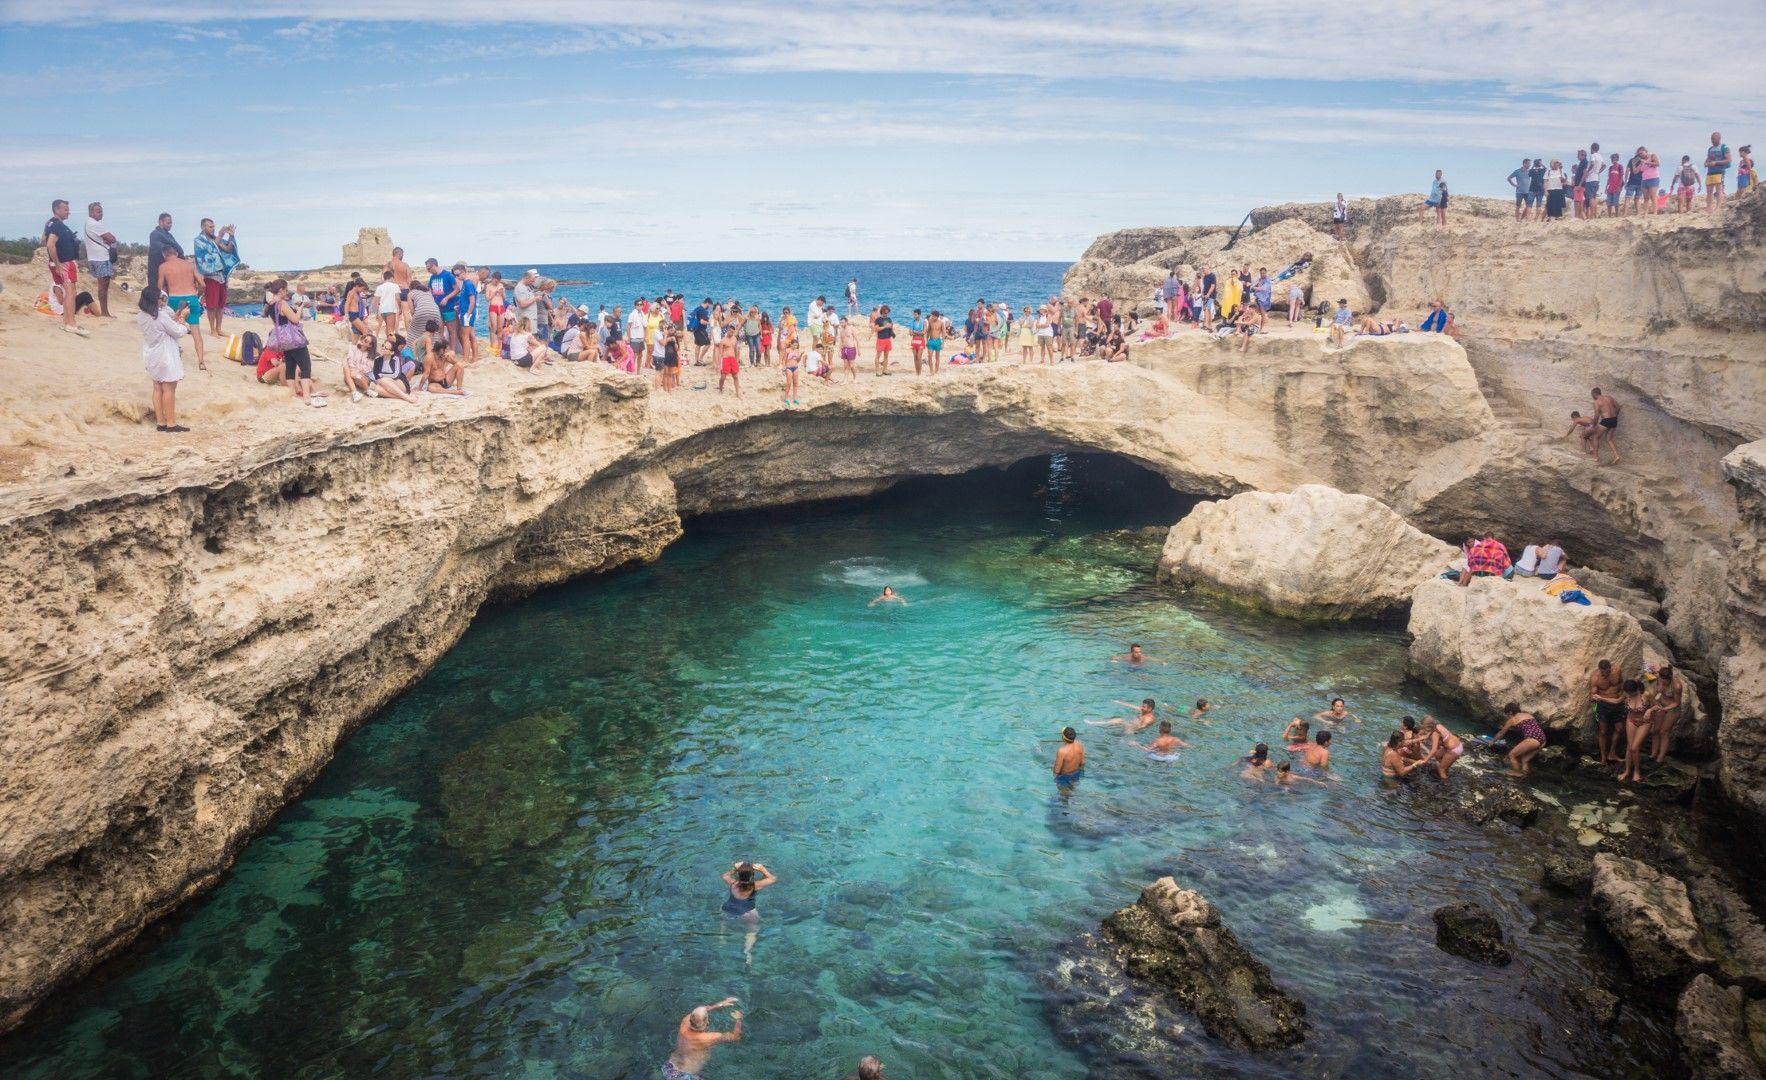 Пещерата има много посетители и днес, но скачането от скалите вече е официално забранено